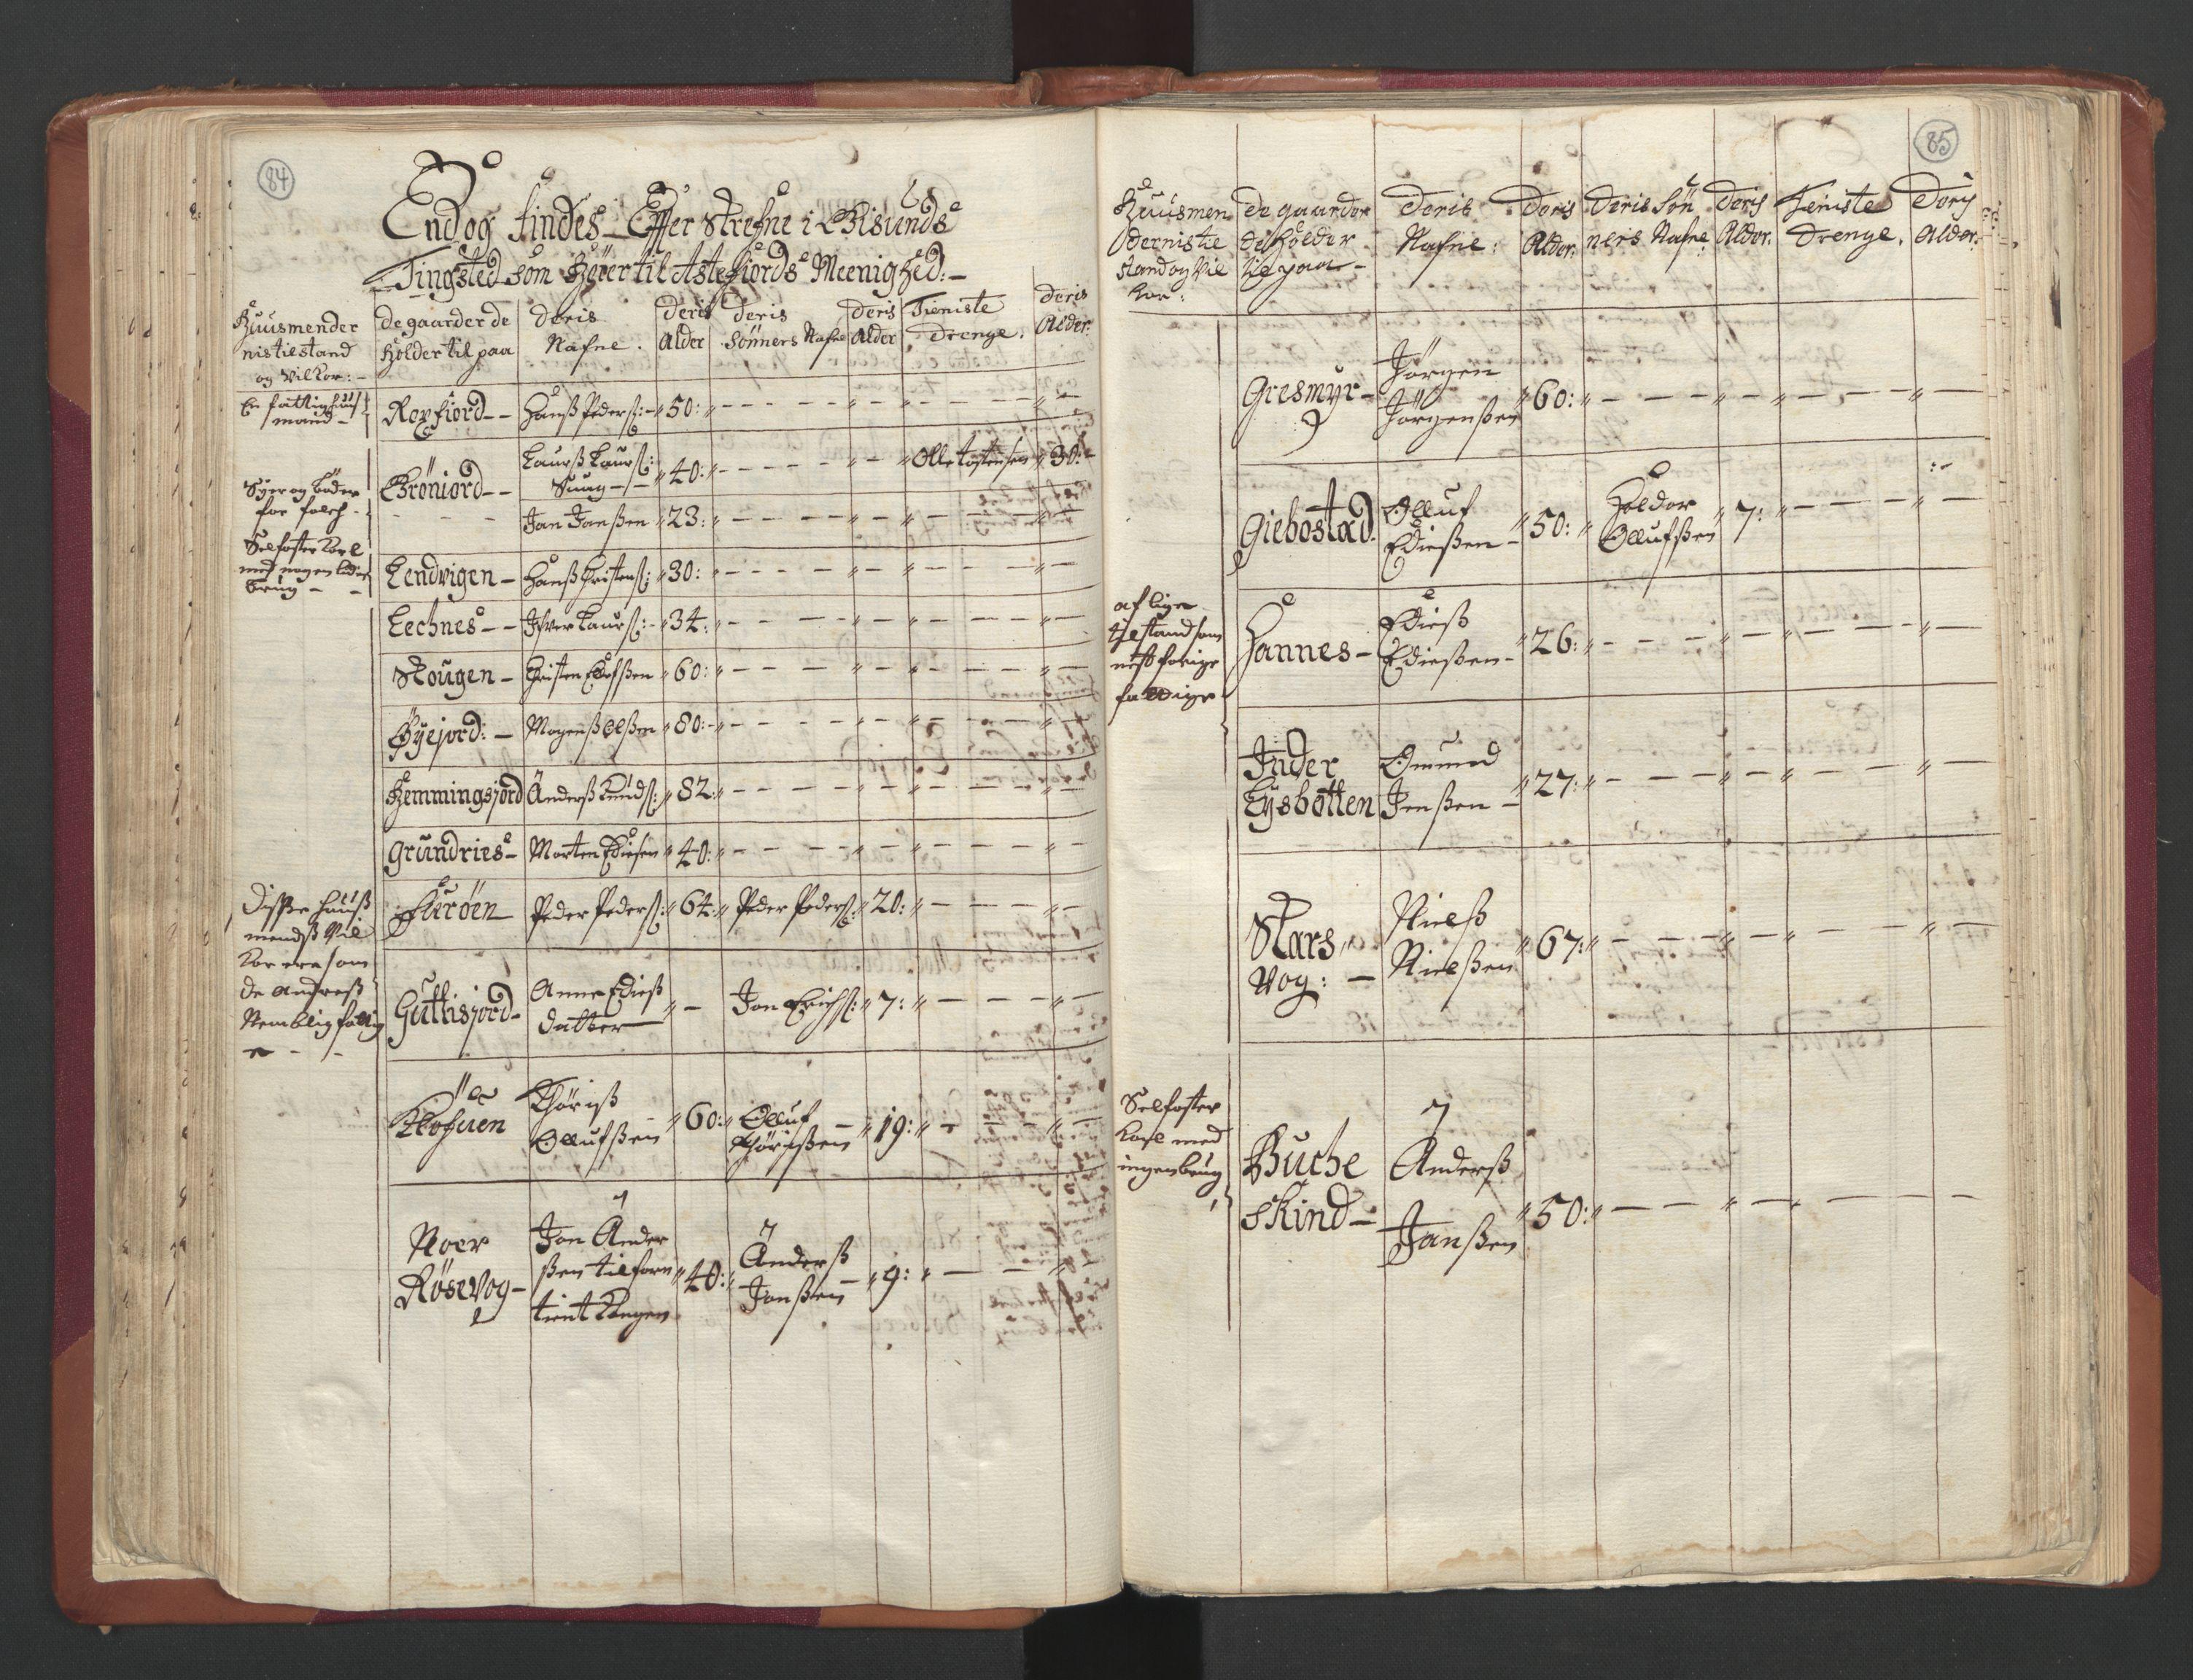 RA, Manntallet 1701, nr. 19: Senja og Tromsø fogderi, 1701, s. 84-85